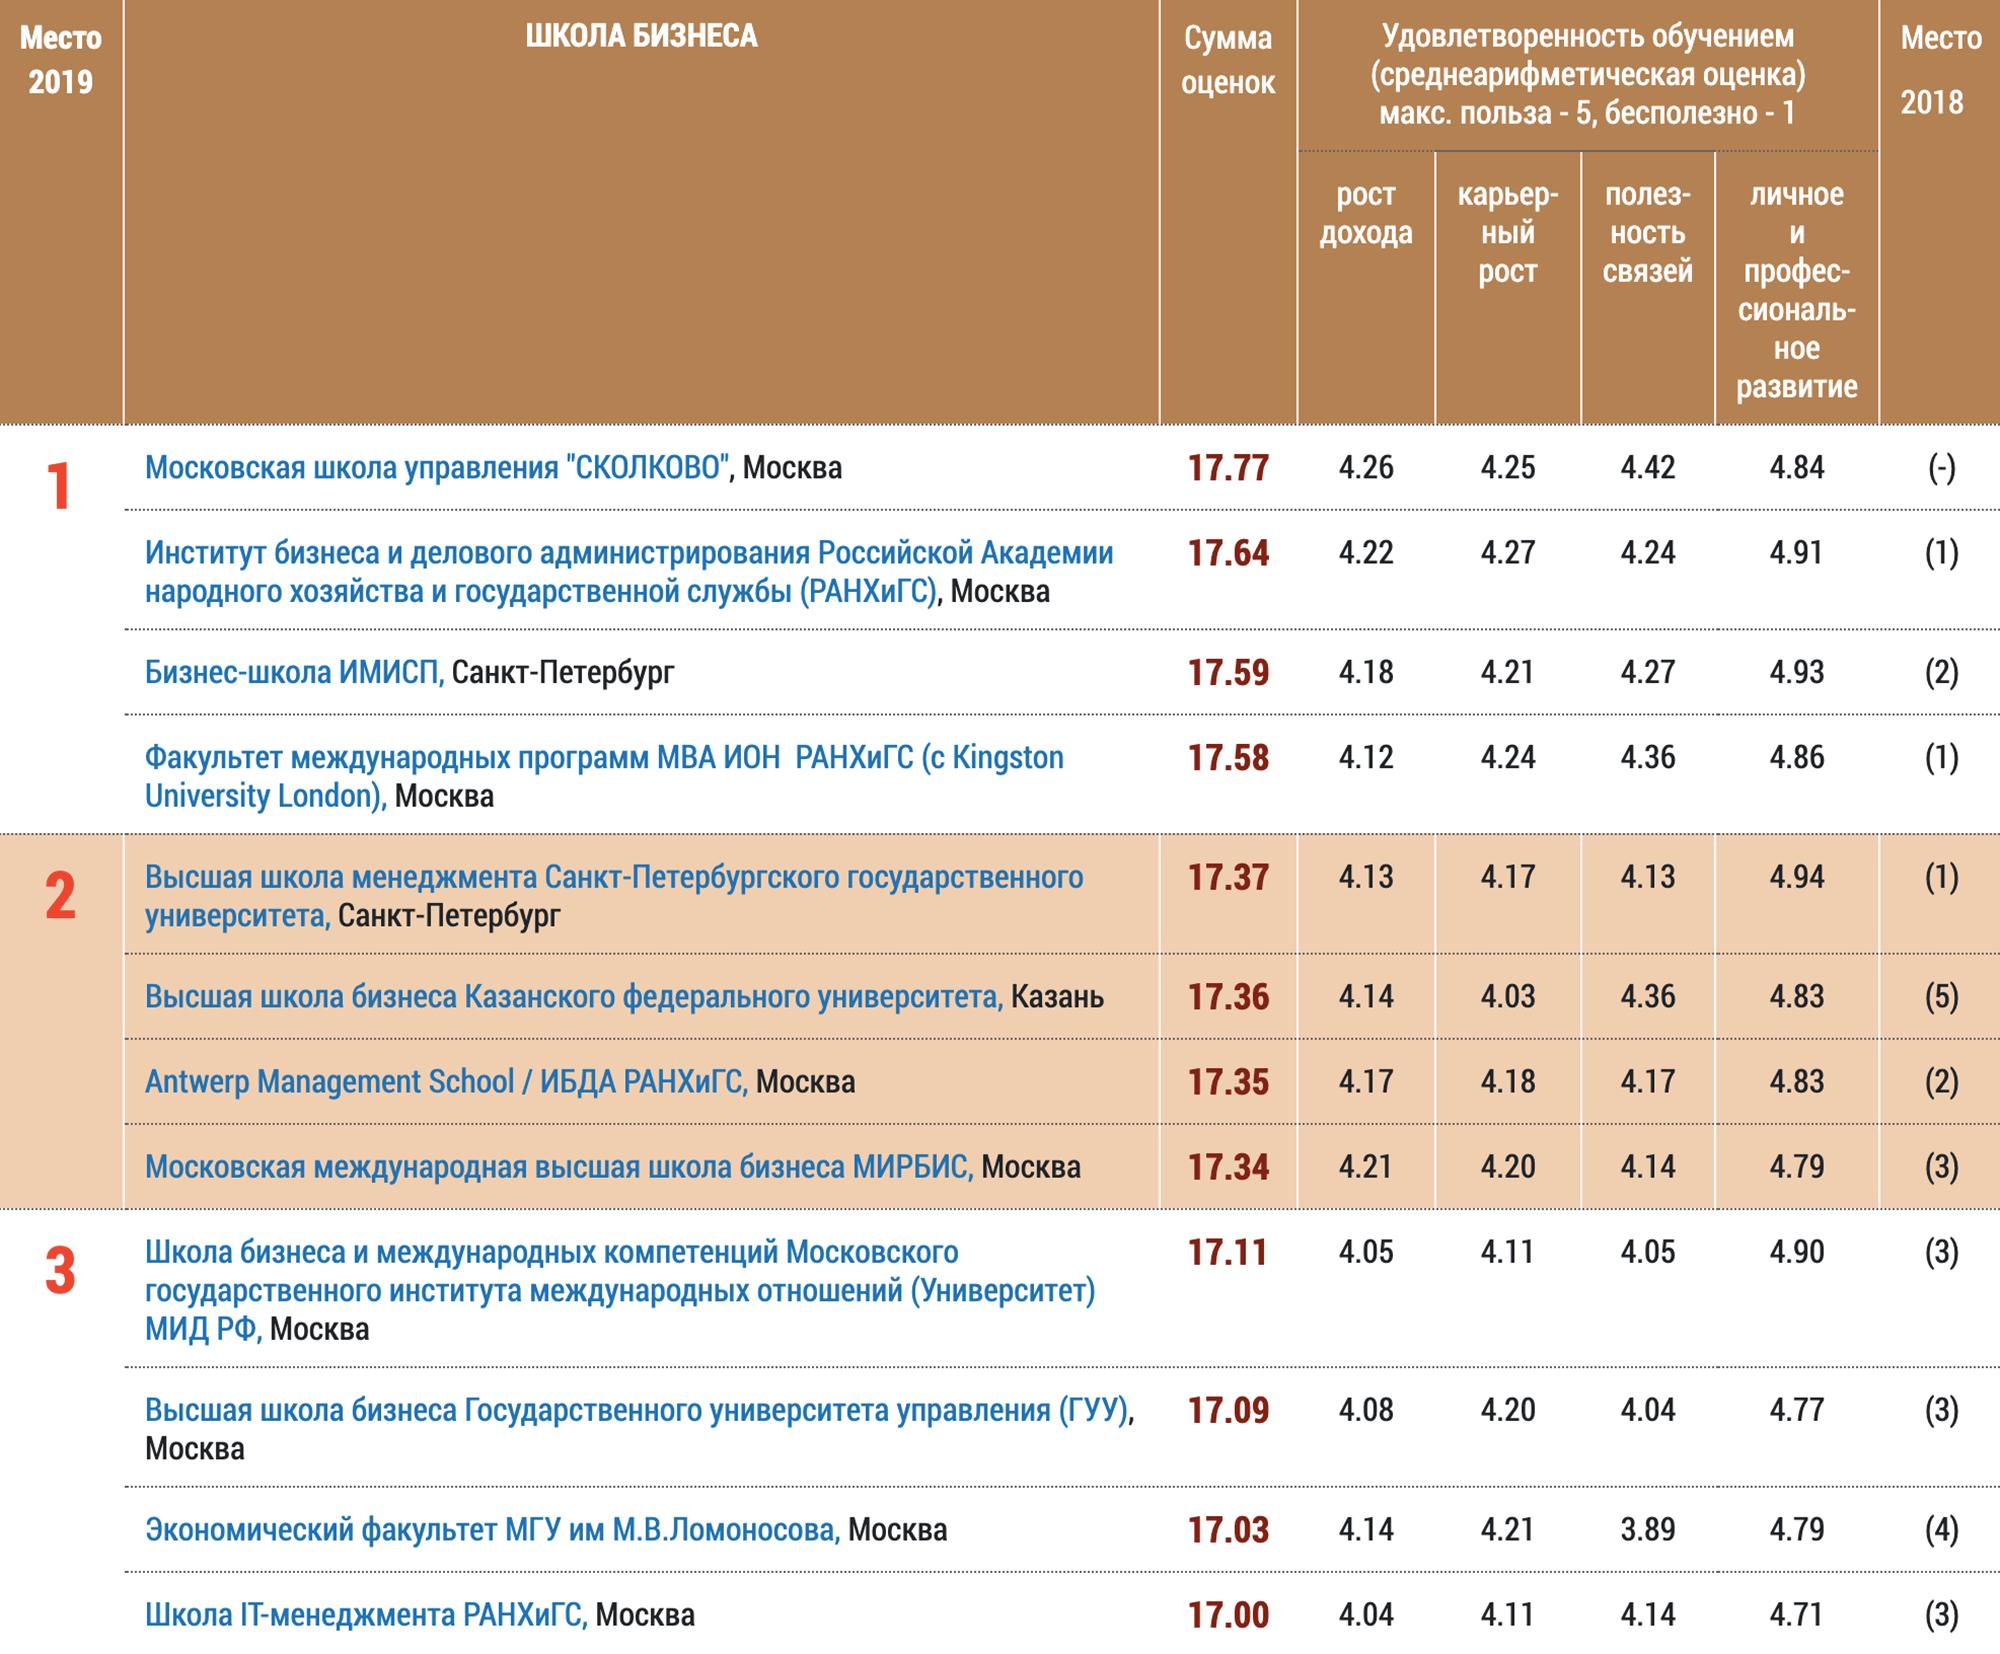 А по «народному» рейтингу — рост дохода, карьерный рост, личное развитие выпускников и полезность связей